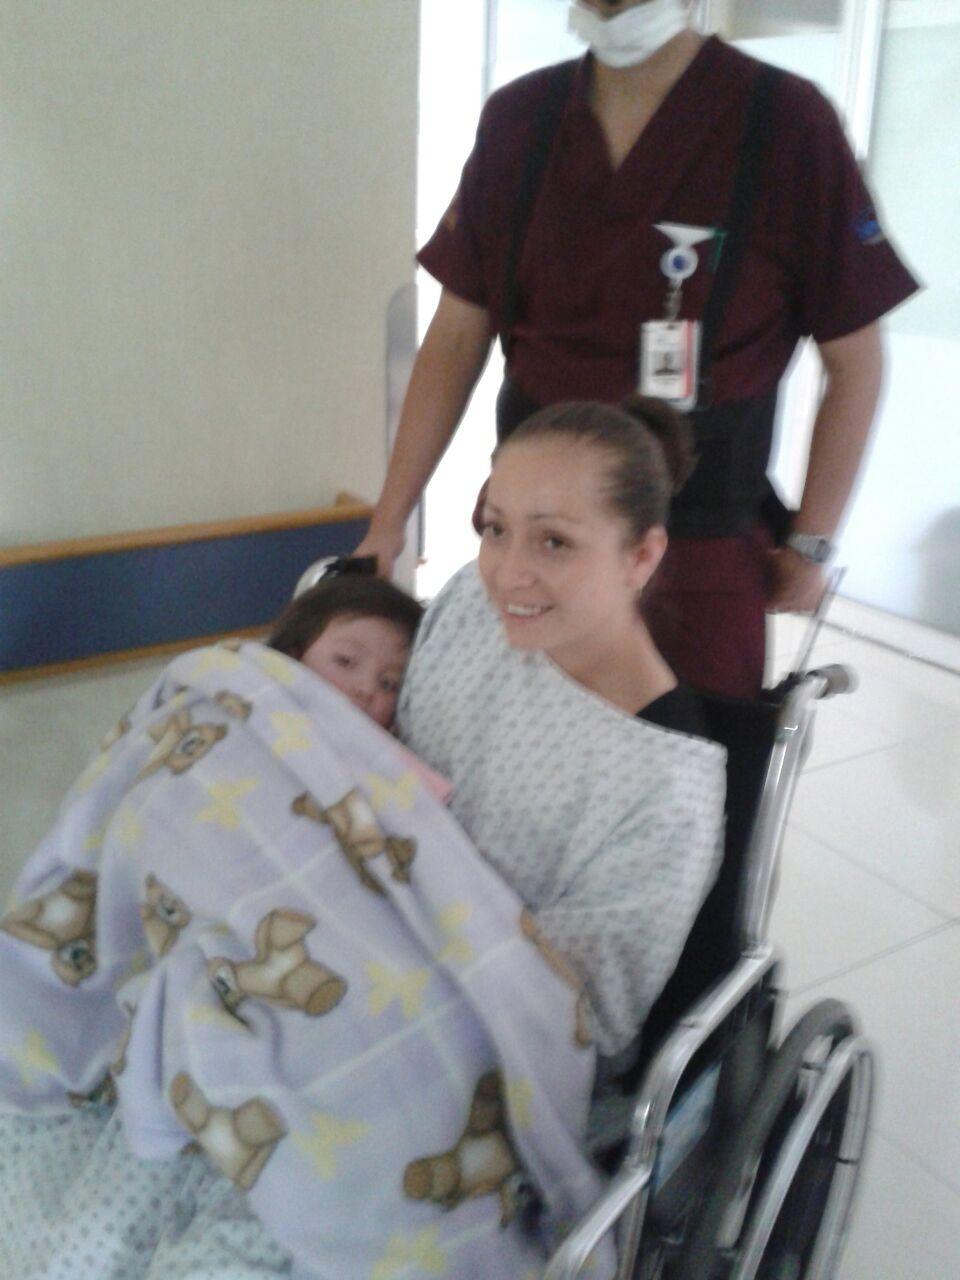 Saliendo de terapia intensiva